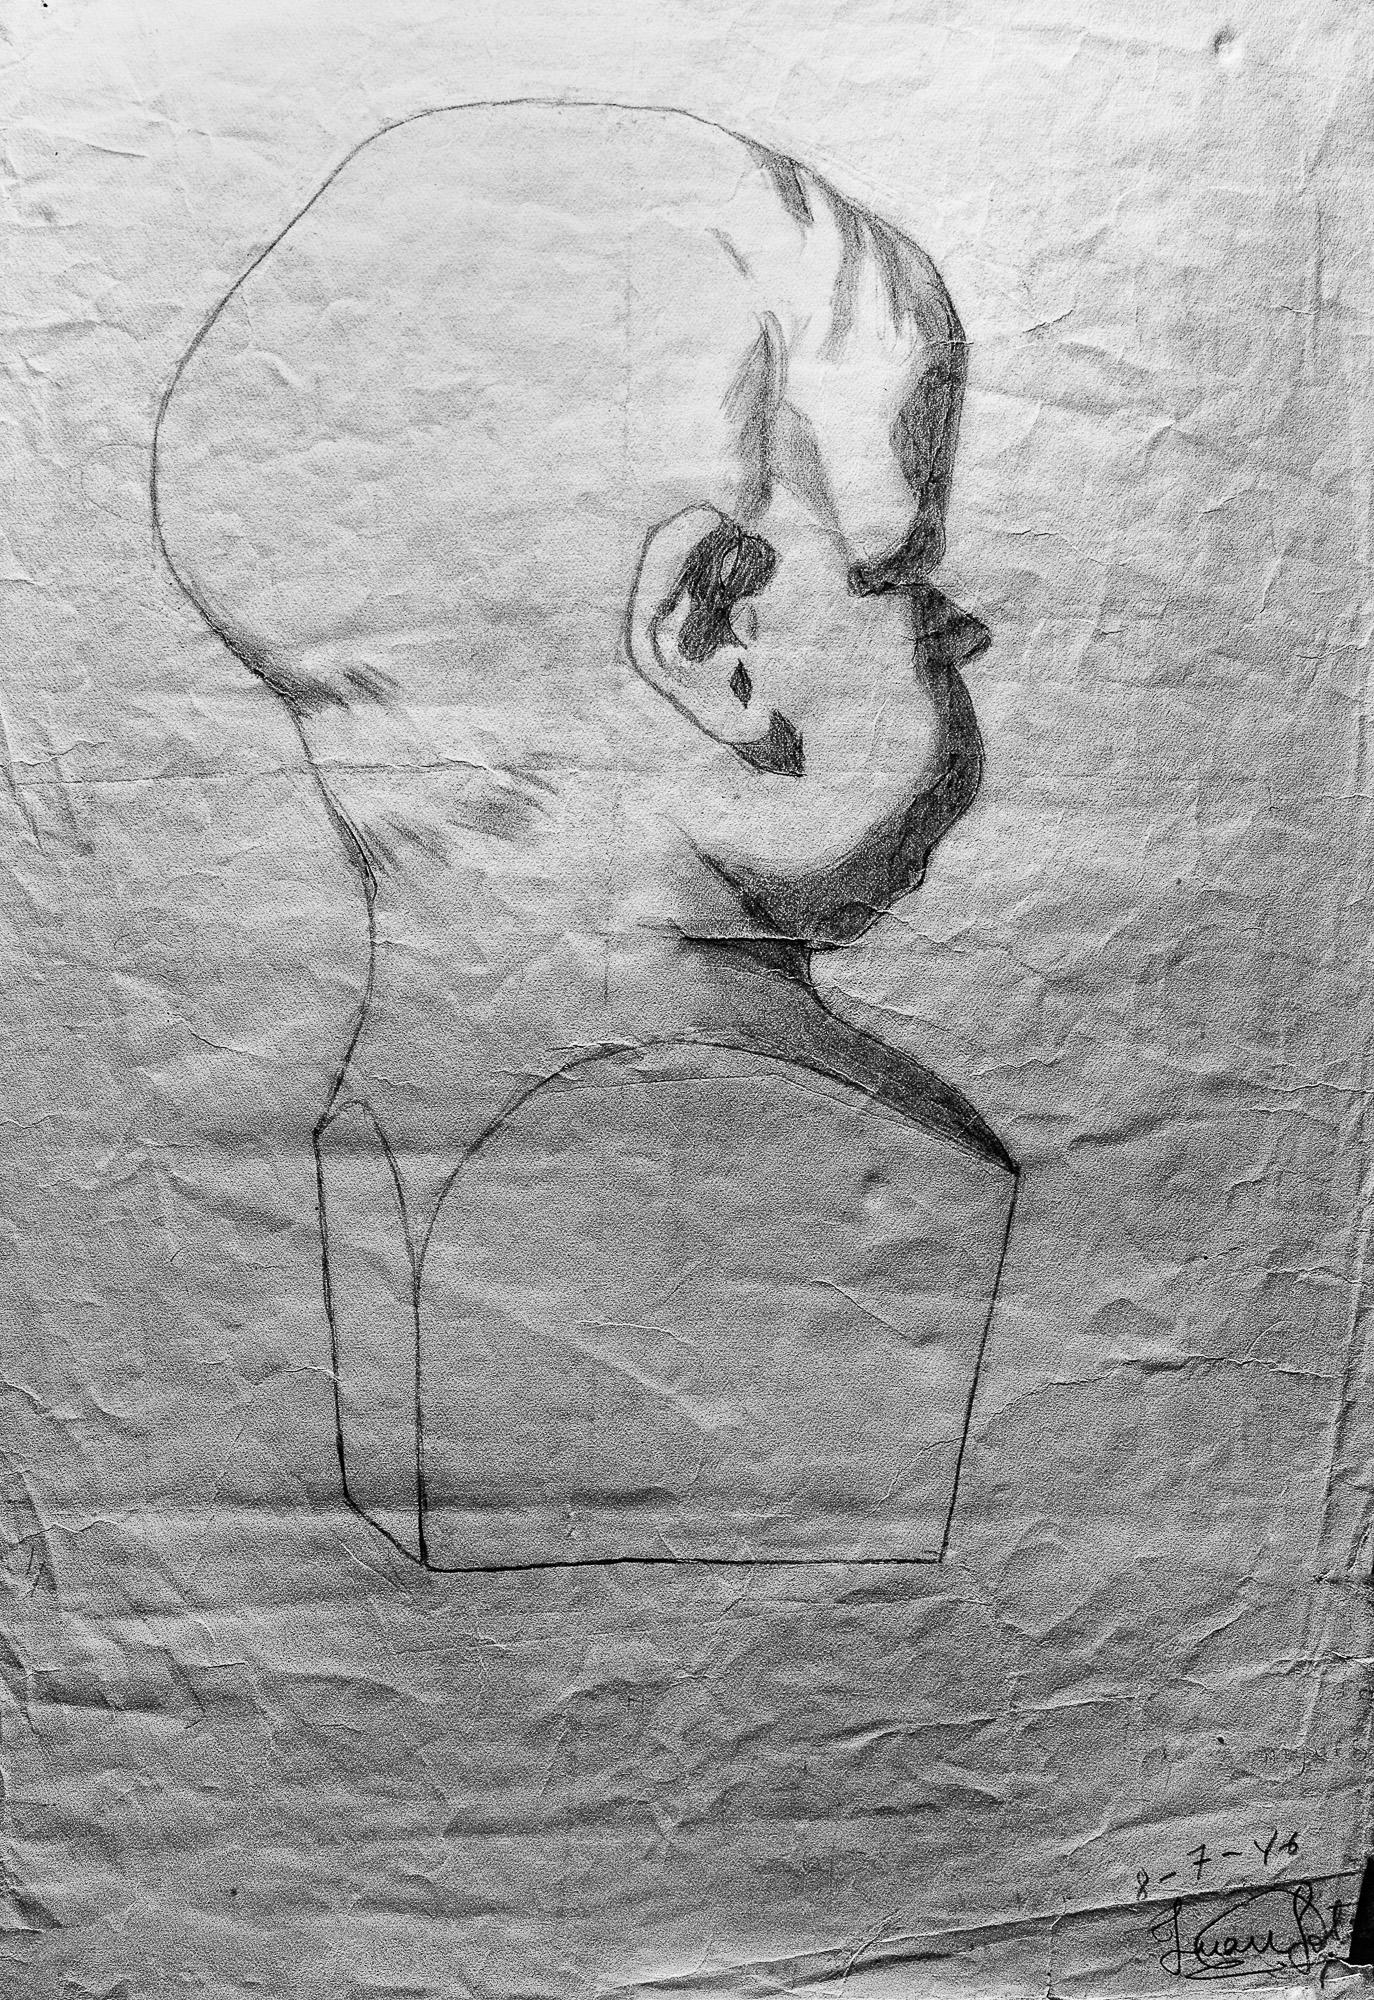 Juan Soto. Obra temprana 1946. Carboncillo sobre papel. 35x 23,5 cm.